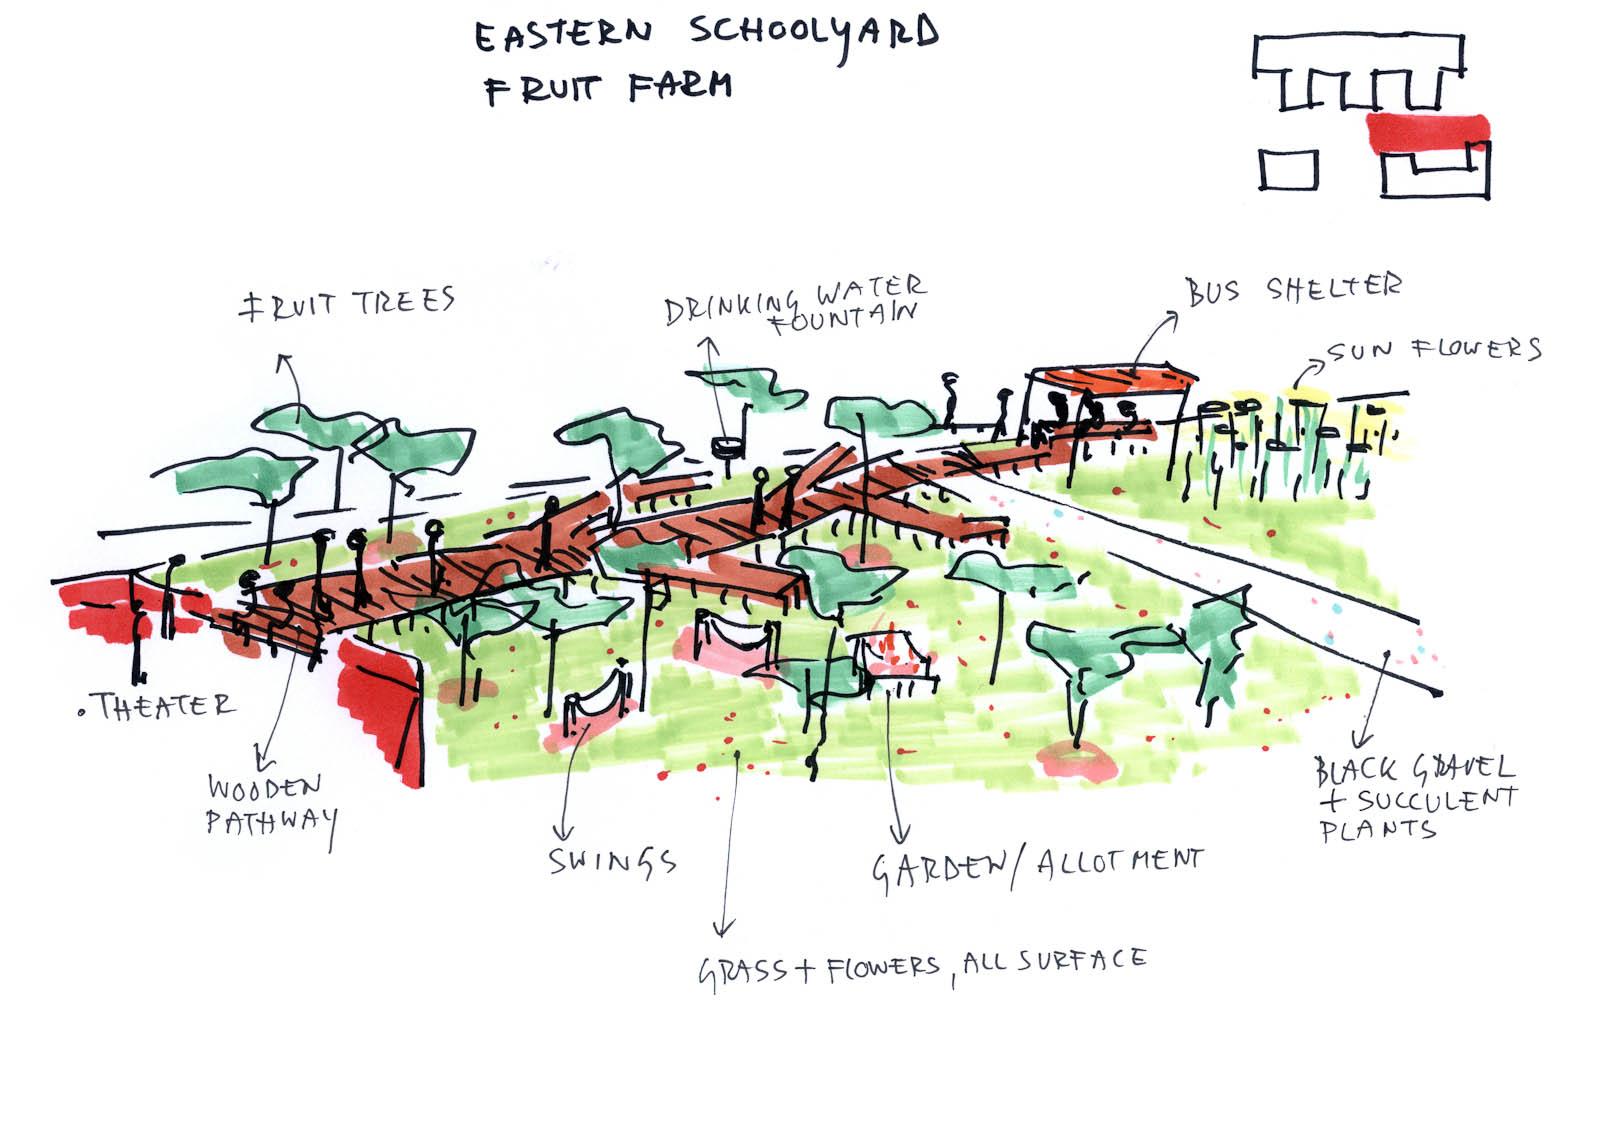 Skiss av skolgård med körsbärsträd, gångvägar av trä mm. Marjetica Potrc och STEALTH, Fruit and Energy Farms in a Public Square.